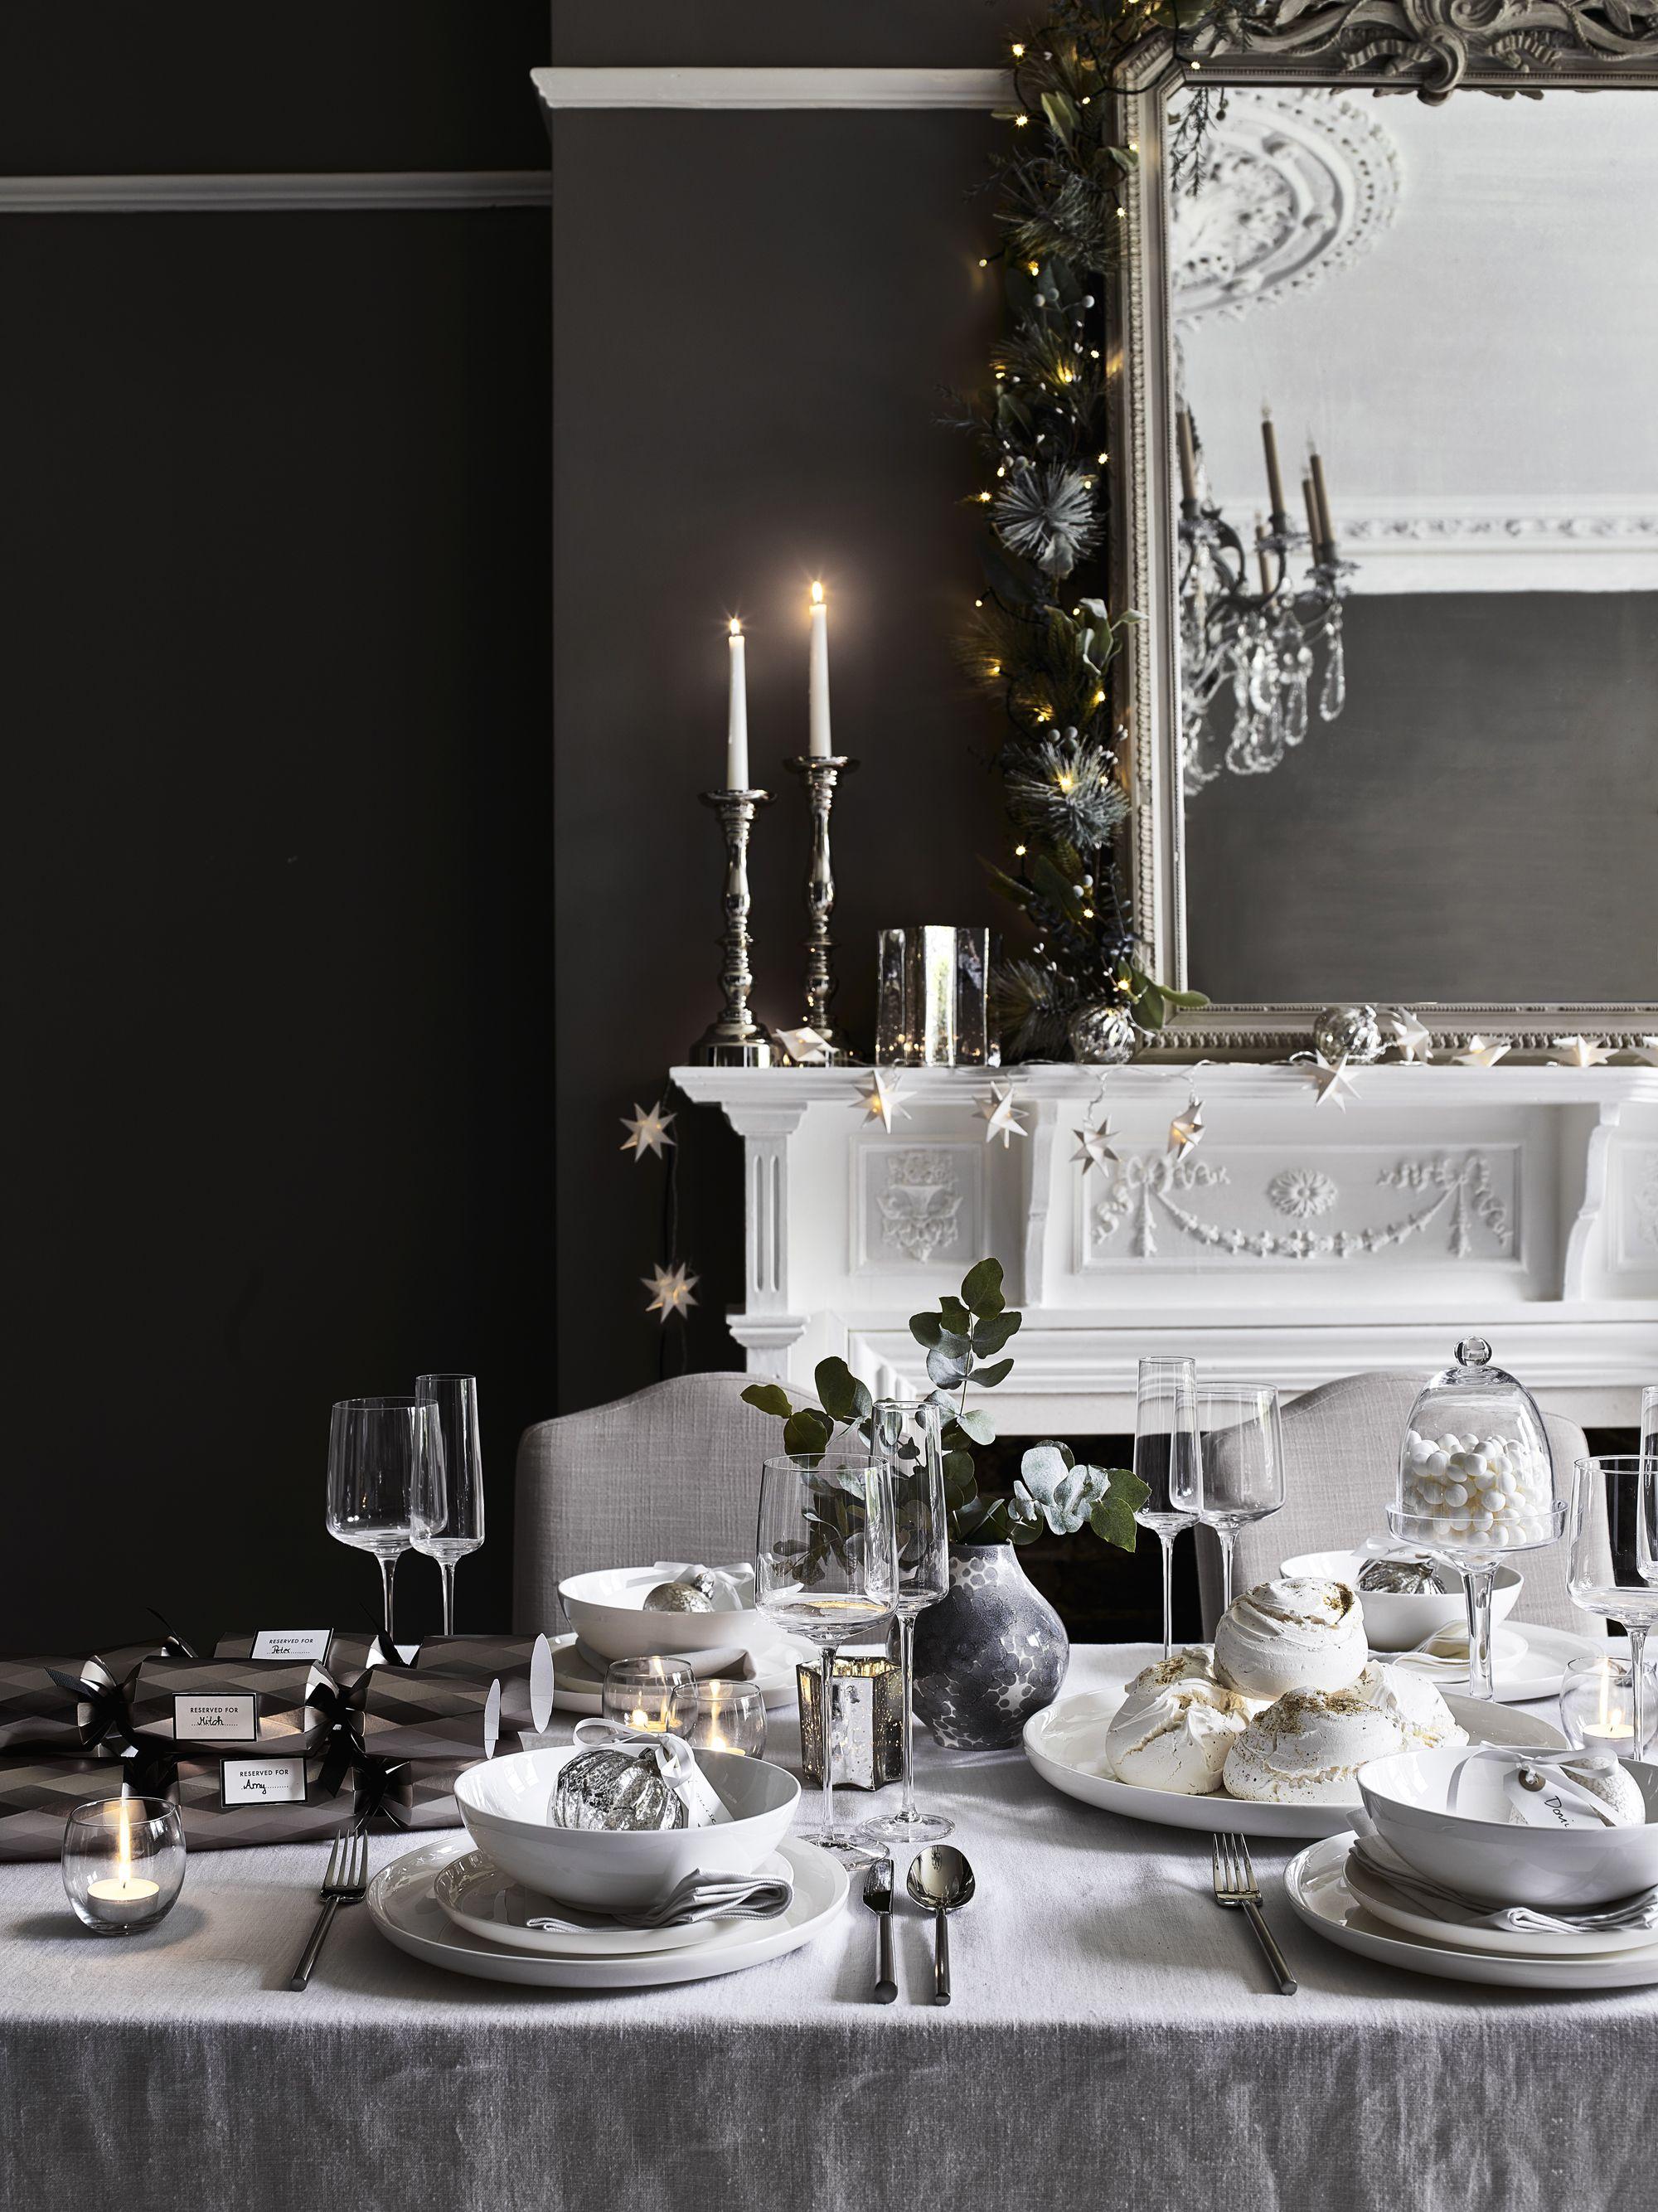 House Of Fraser Dining Room Furniture Impressive House Of Fraser Bring Merry Back  House Of Fraser  Pinterest Design Decoration